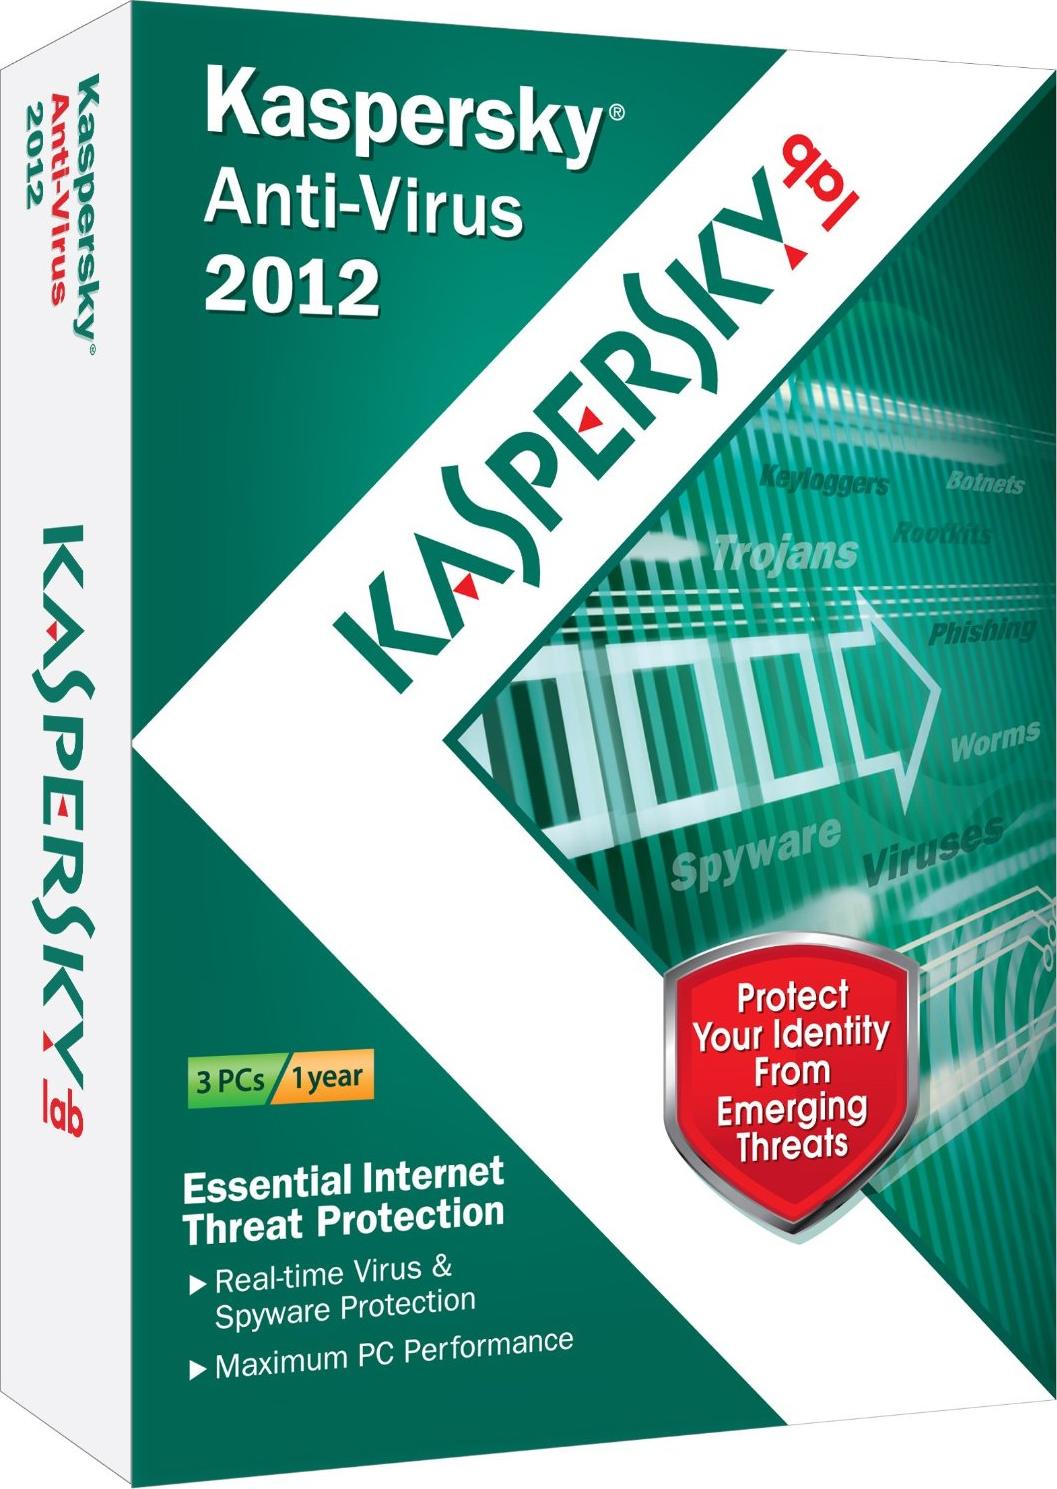 Top Ten Best Antivirus In 2012 Go Hacking Go